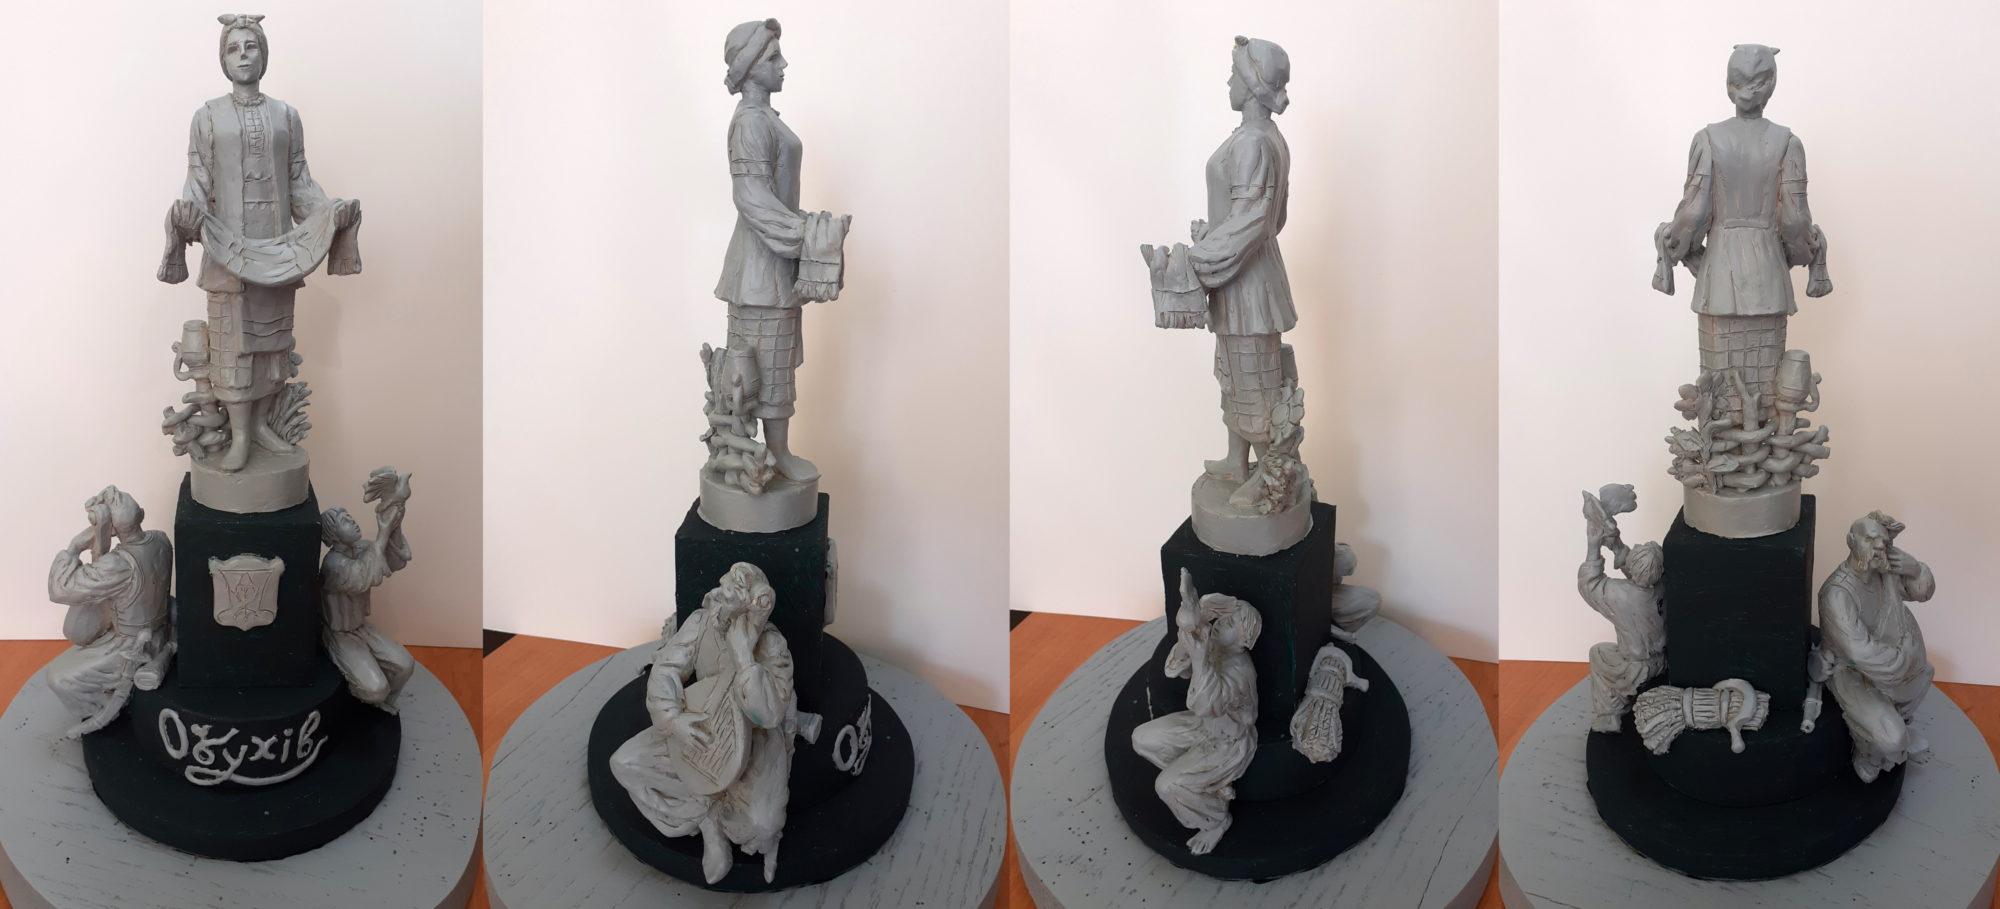 Мешканці Обухова розпочали електронне голосування за кращий  проєкт пам'ятника на Площу Матері -  - 7P 2000x909